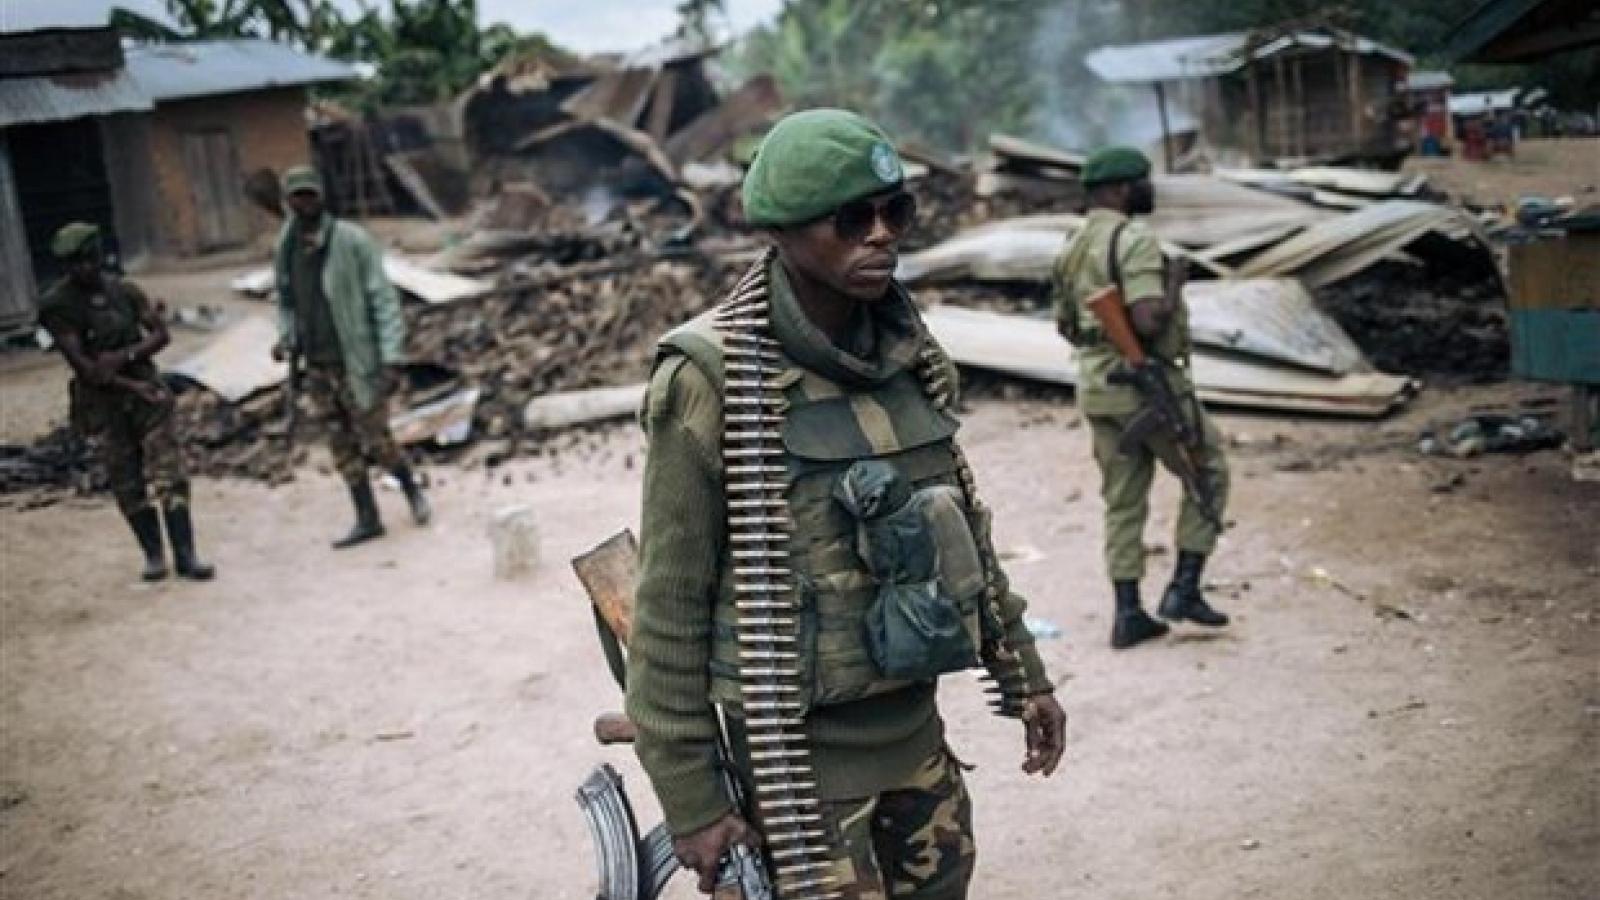 Ít nhất 19 người thiệt mạng trong vụ đắm tàu ở Congo